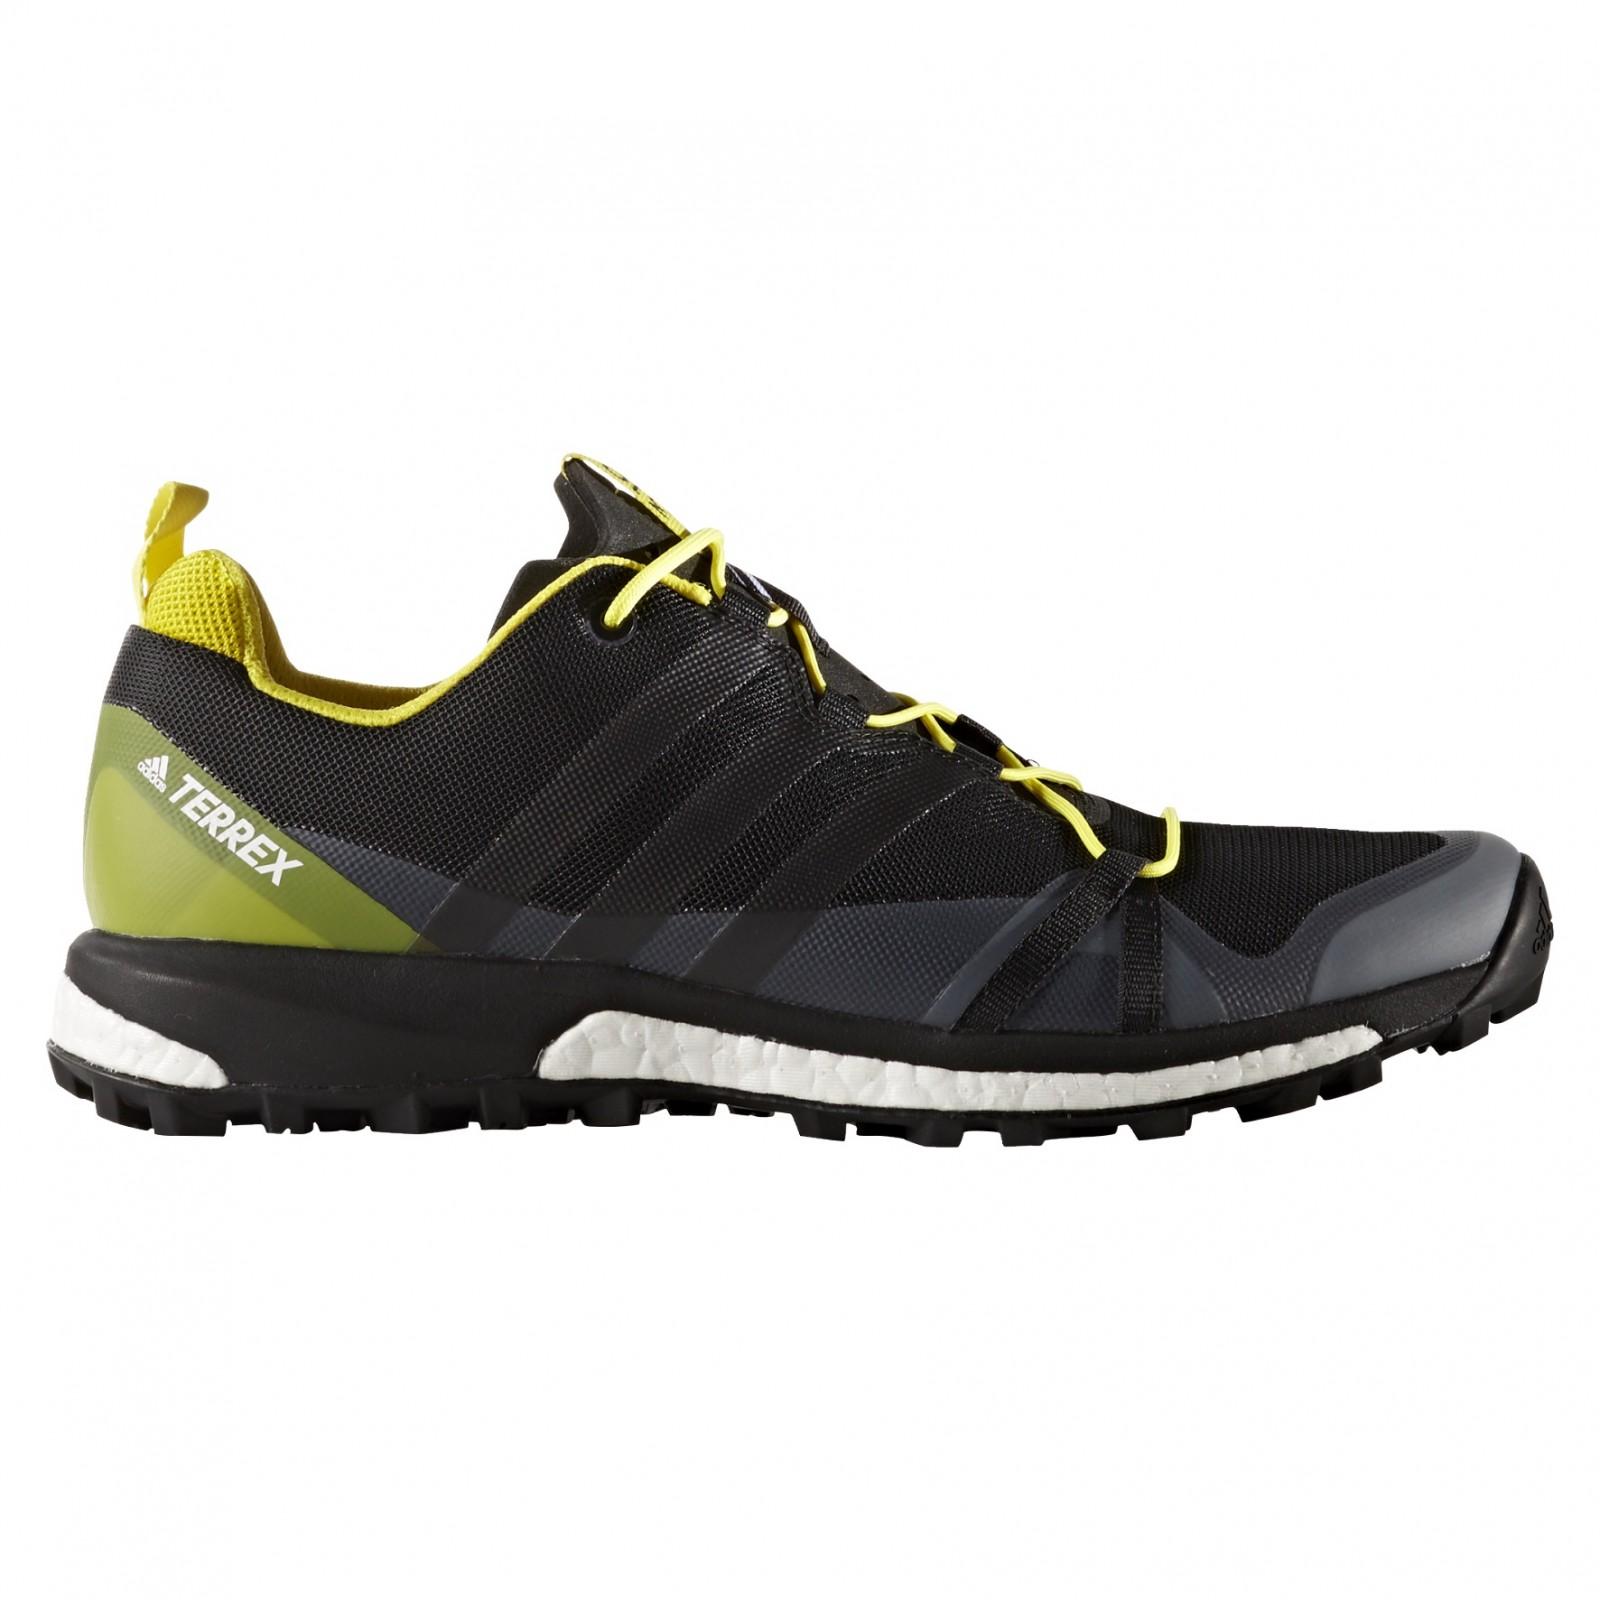 Pánská treková obuv adidas TERREX AGRAVIC  2223e5f4d0